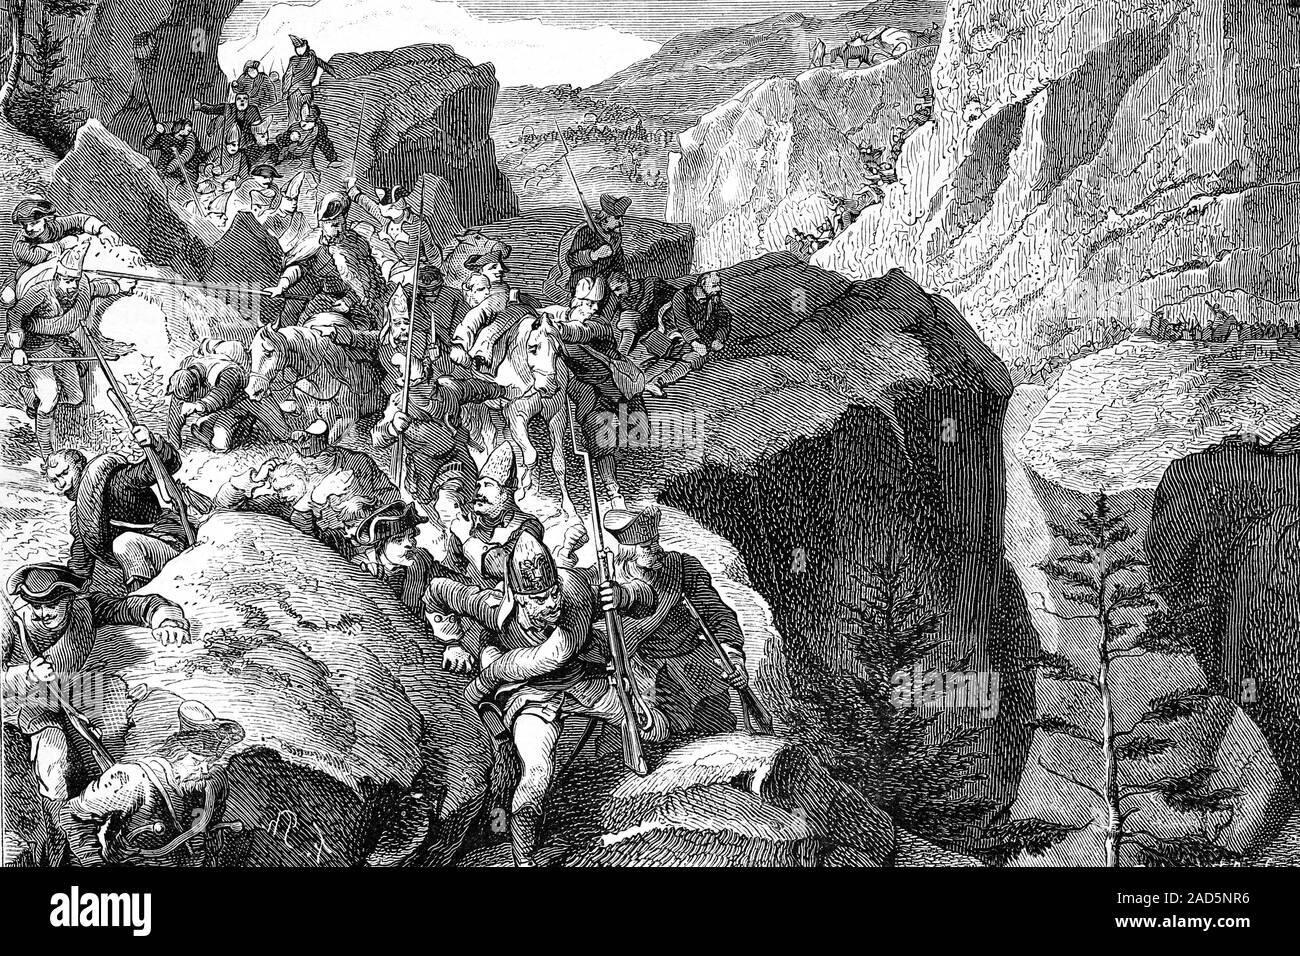 Batalla de Zurich. Las guerras napoleónicas. Ilustración de antigüedades. 1890. Foto de stock